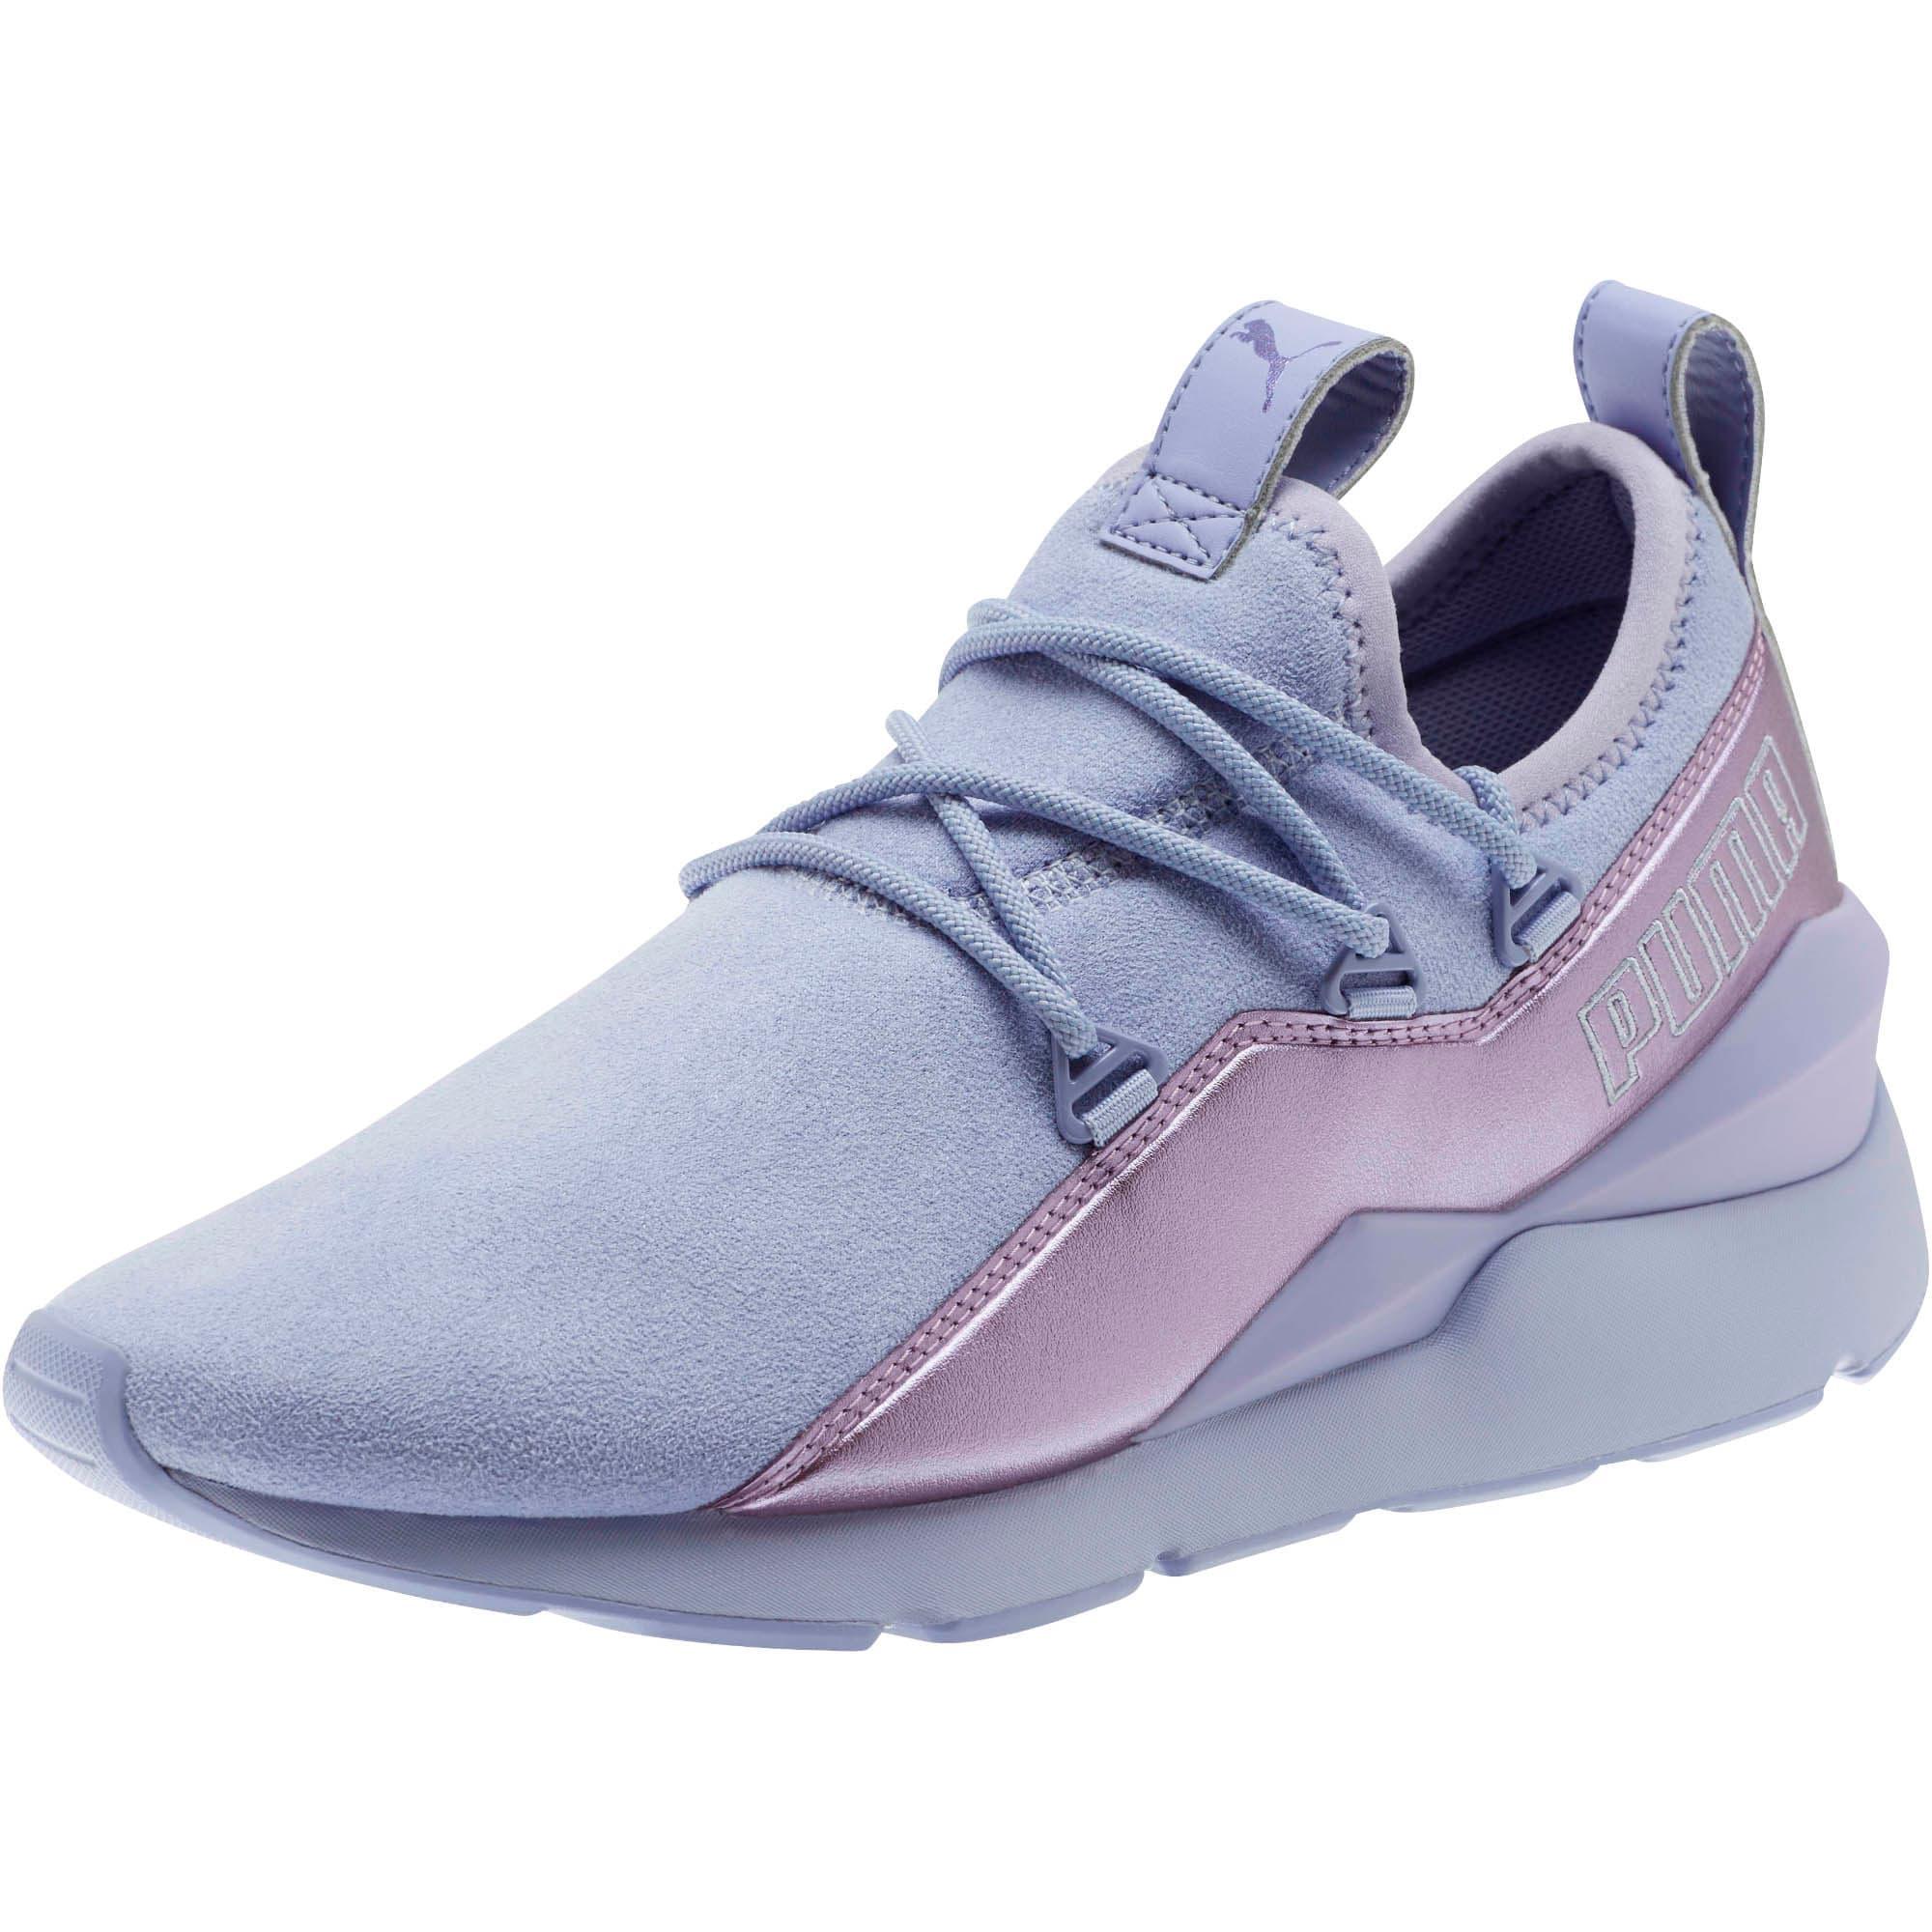 Miniatura 1 de Zapatos deportivosMuse 2 Twilight de mujer, Sweet Lavender, mediano